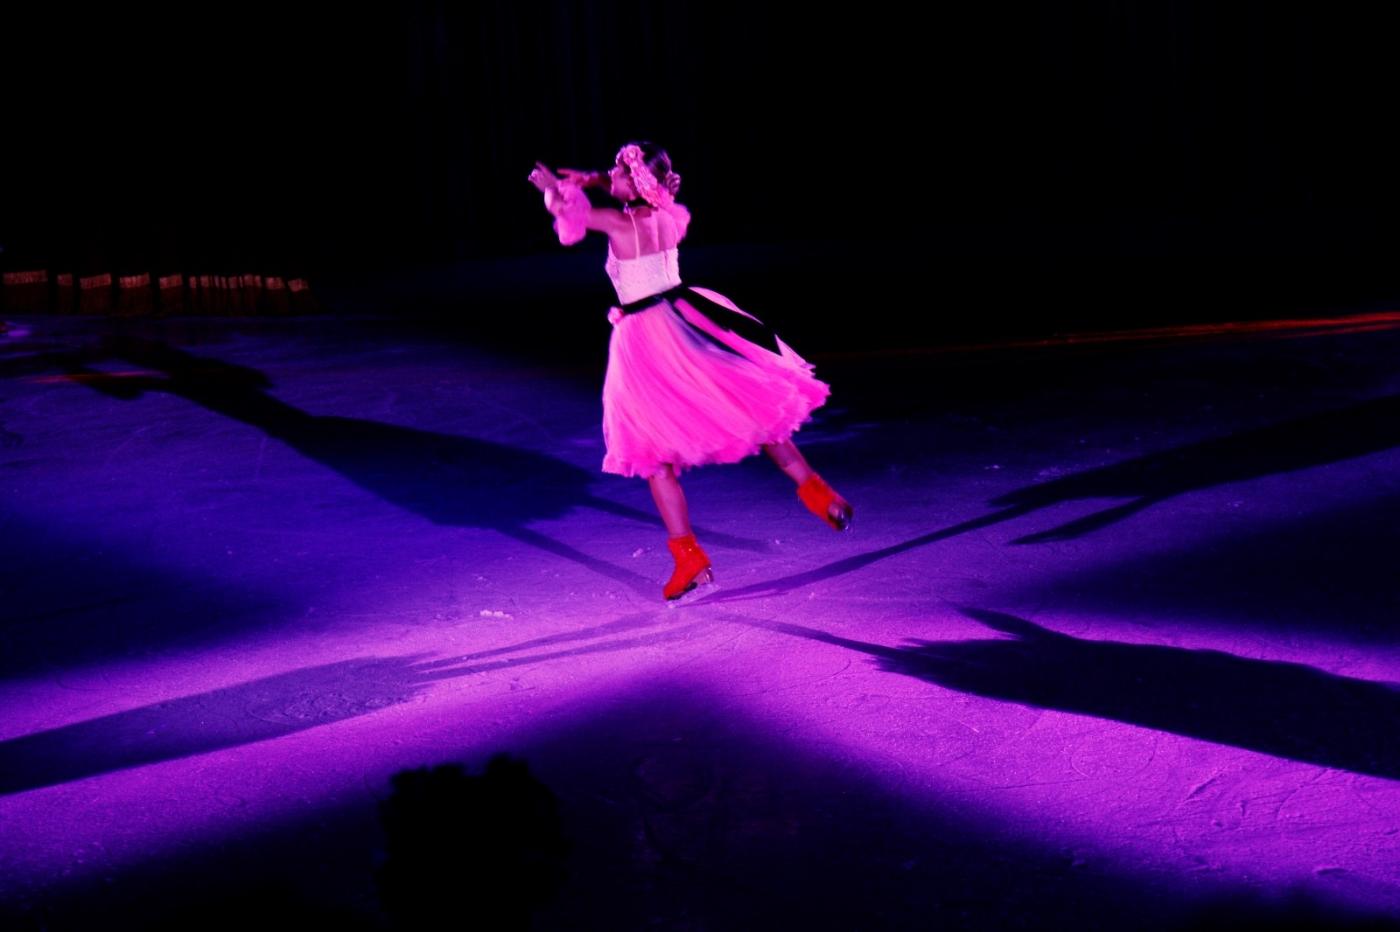 在海洋绿洲号游轮,观看冰上芭蕾,花样溜冰专场演出_图1-2